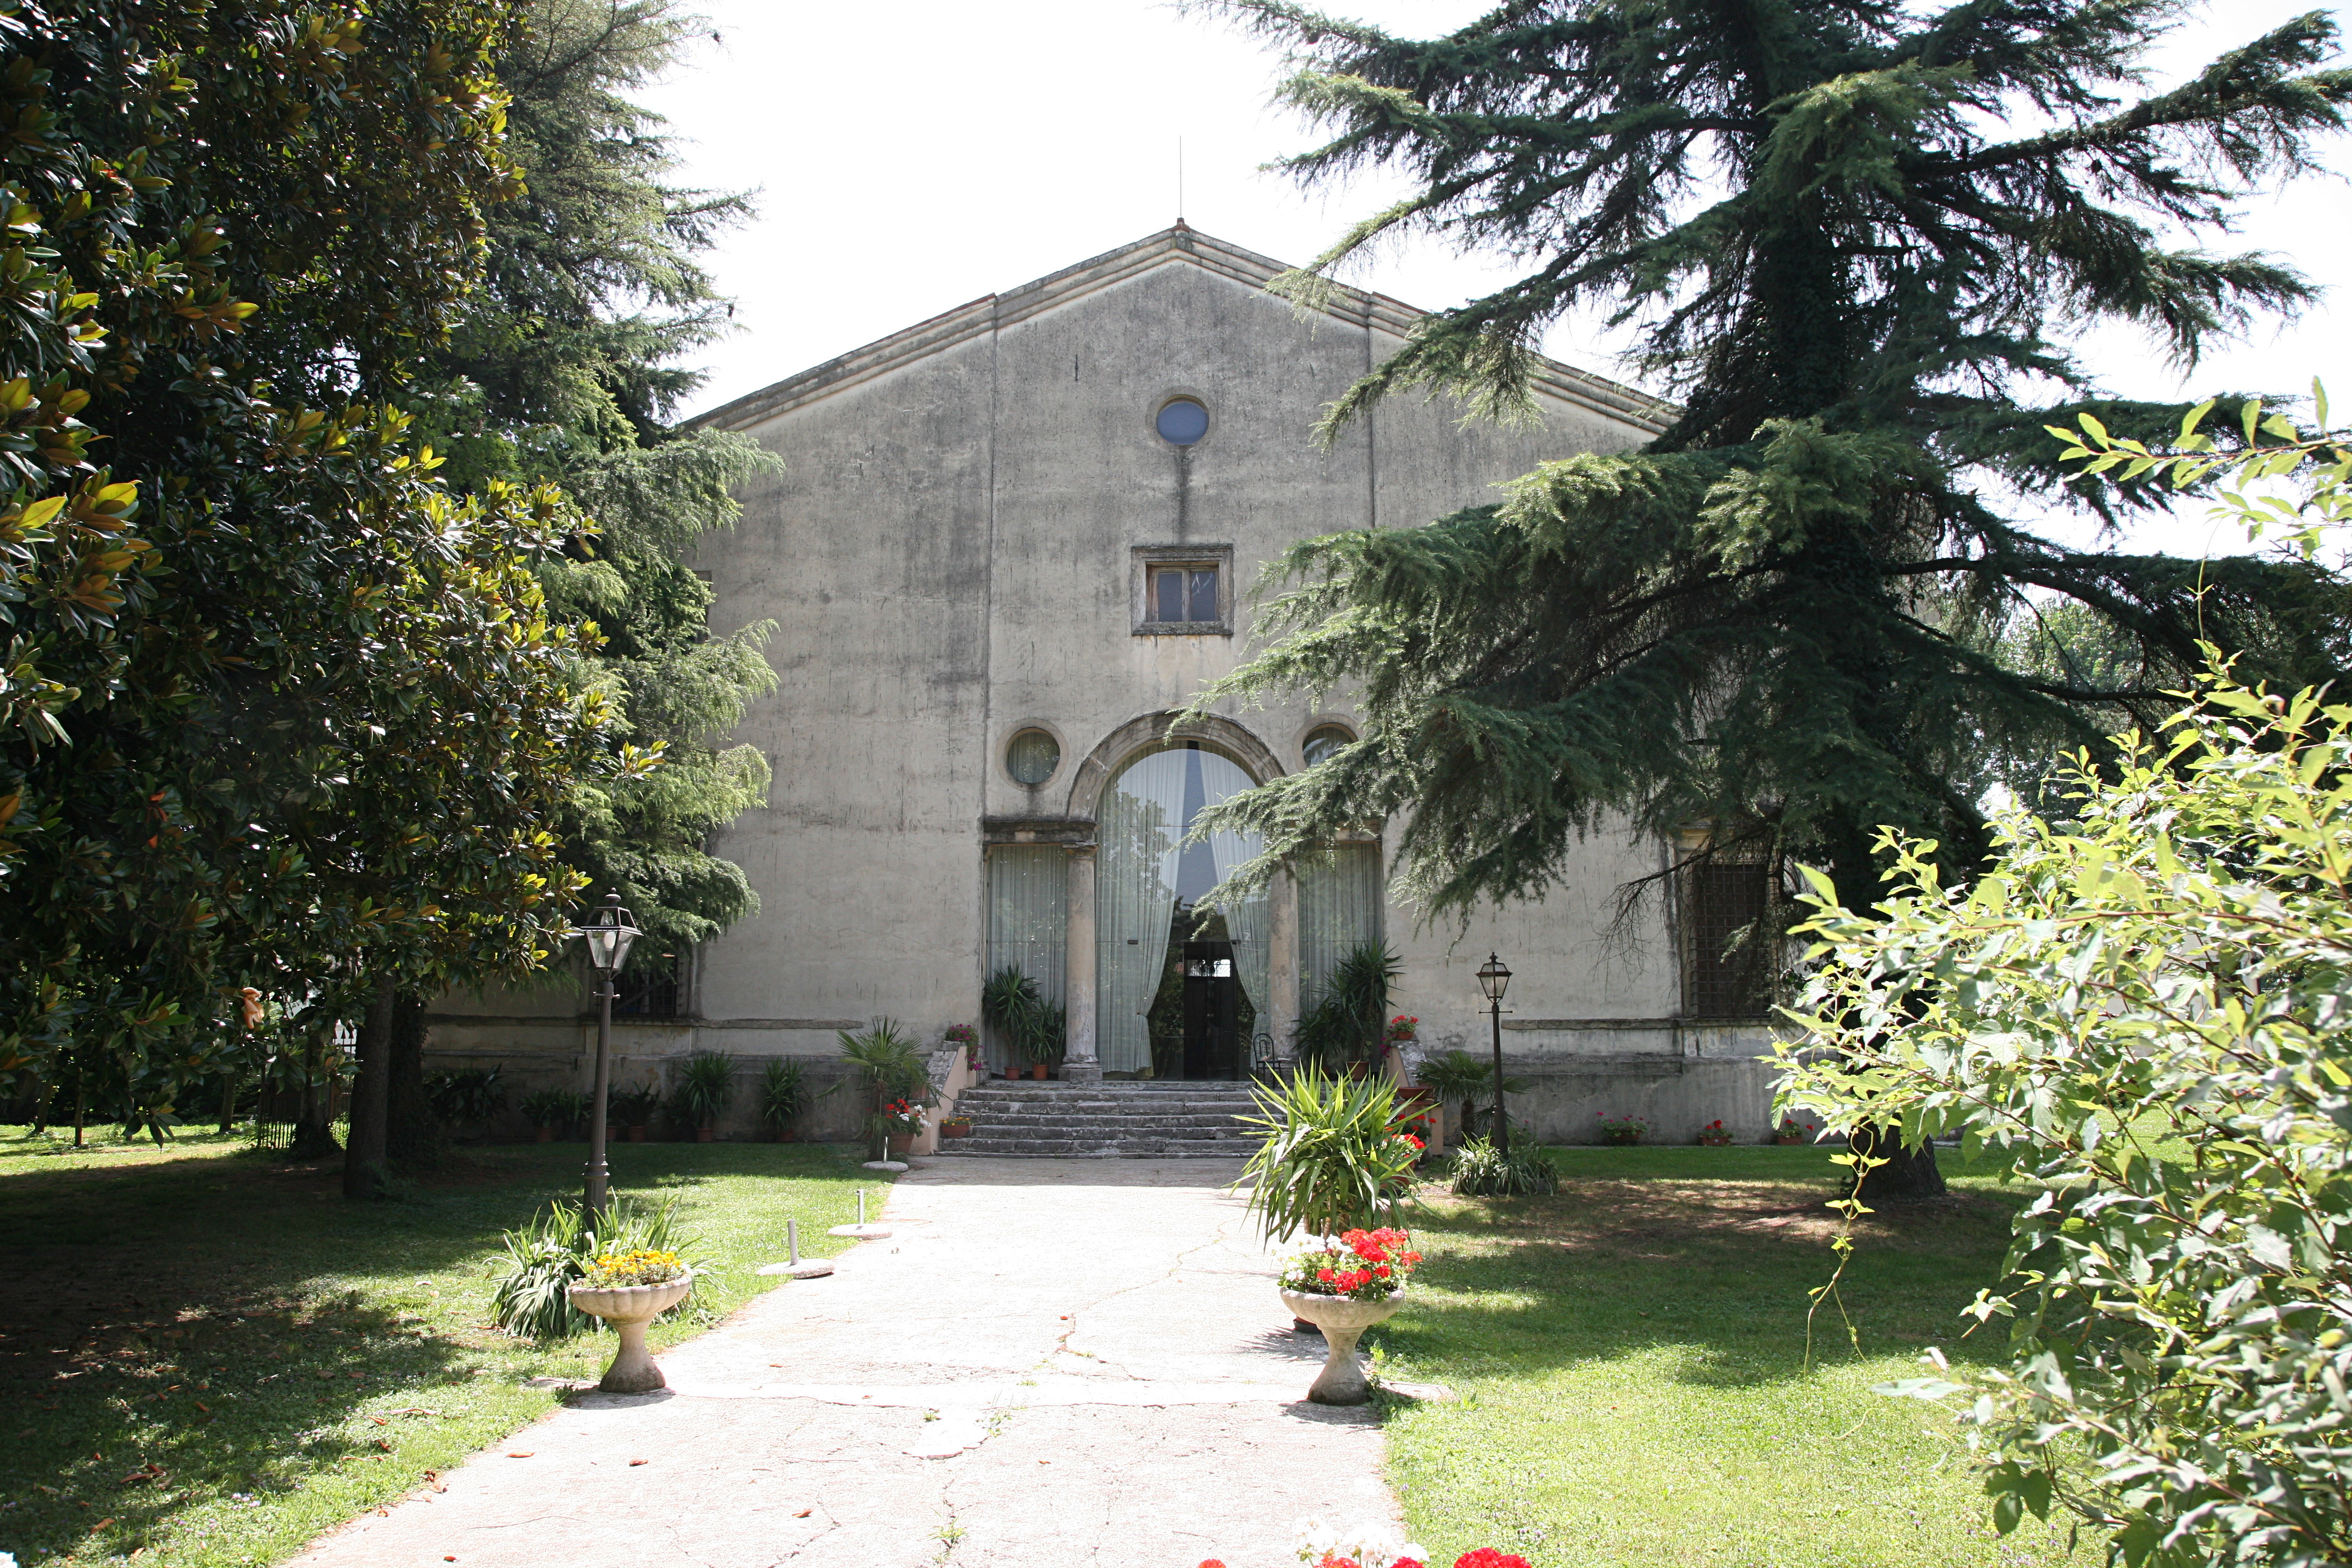 Villa Valmarana, Bressan<br /><br />Az 1540-es években épült.<br /><br />Kép: Wikimedia Commons / Hans A. Rosbach